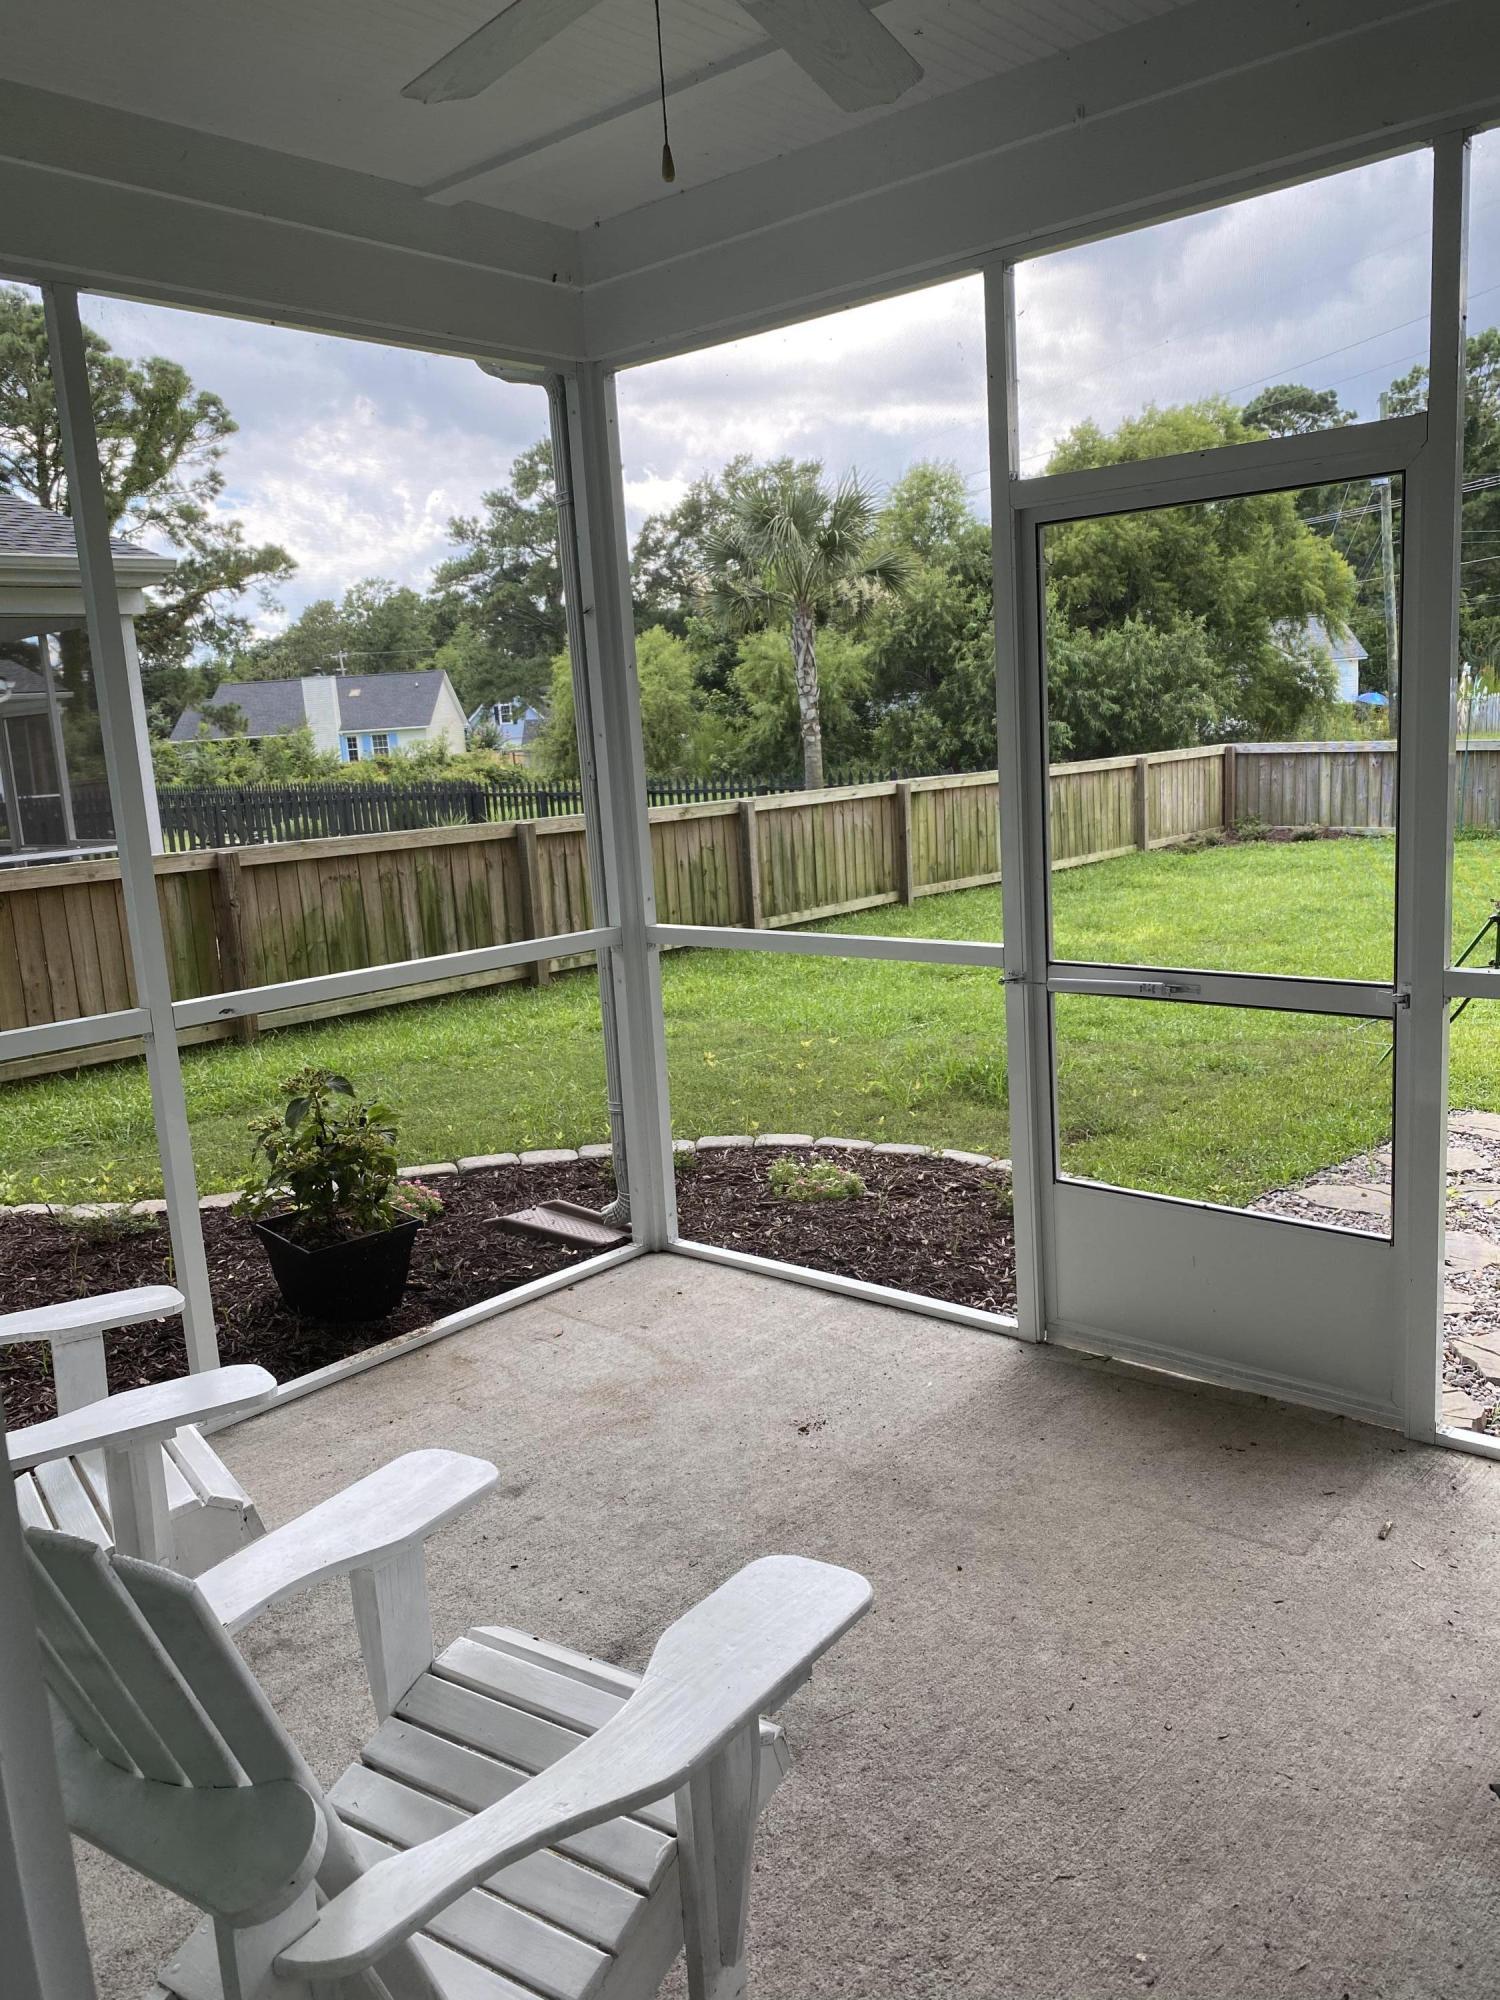 Pemberton Farms Homes For Sale - 1135 Pemberton Farms, Charleston, SC - 24